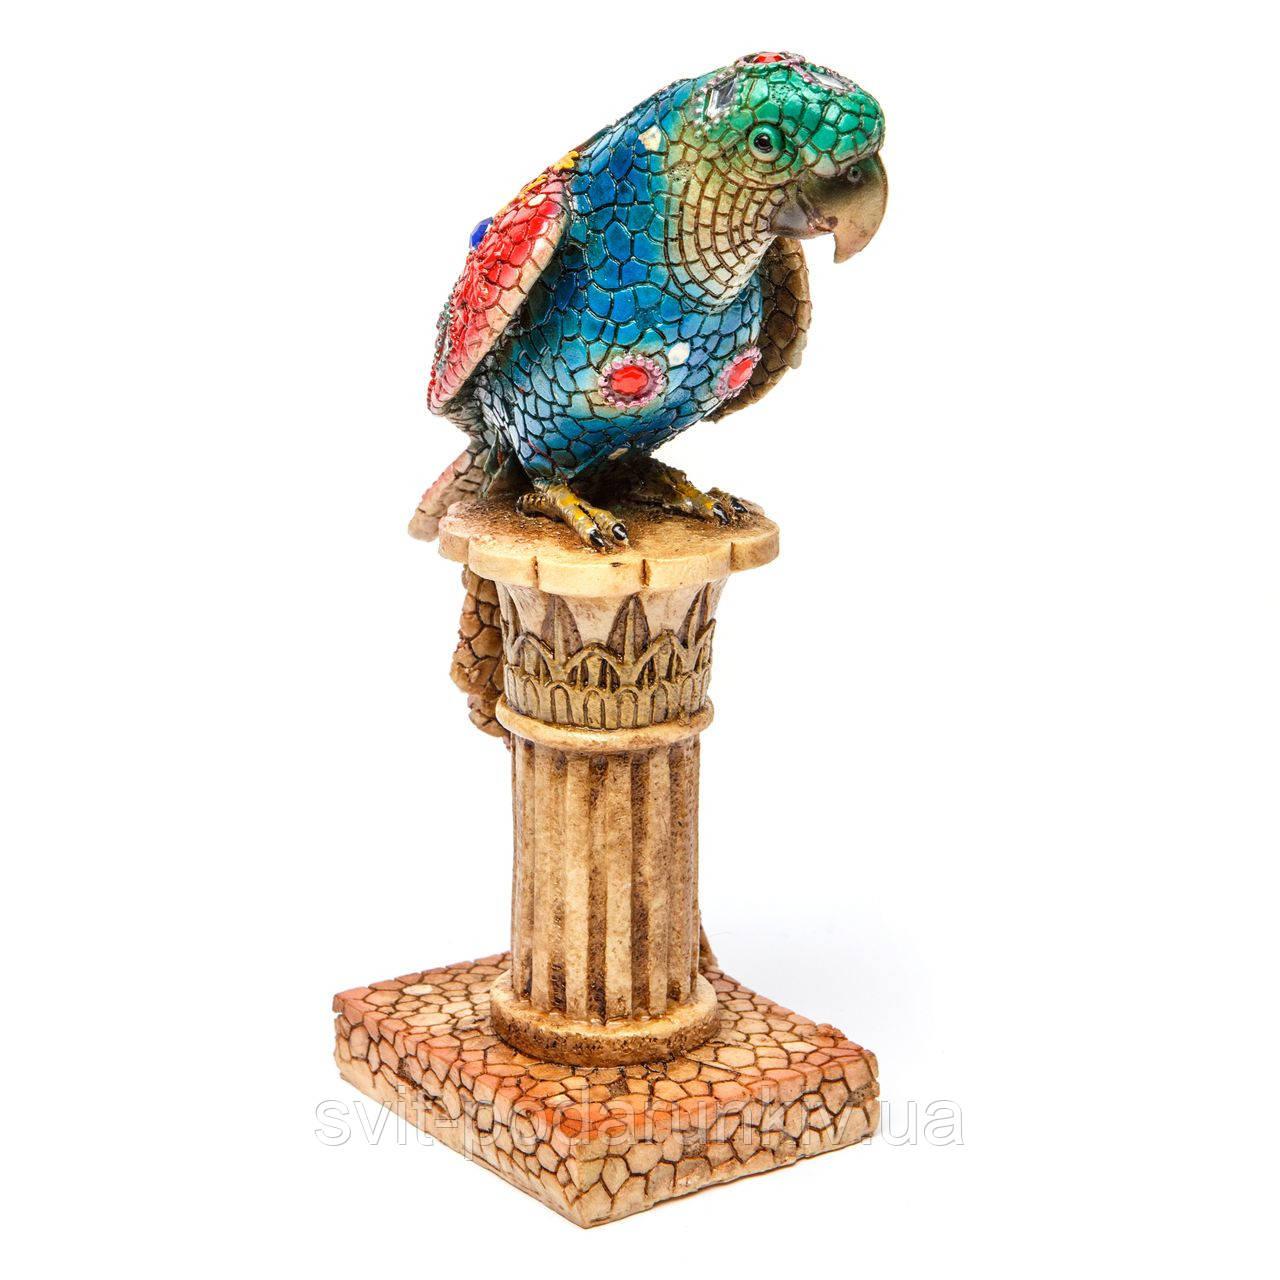 фигурка попугая